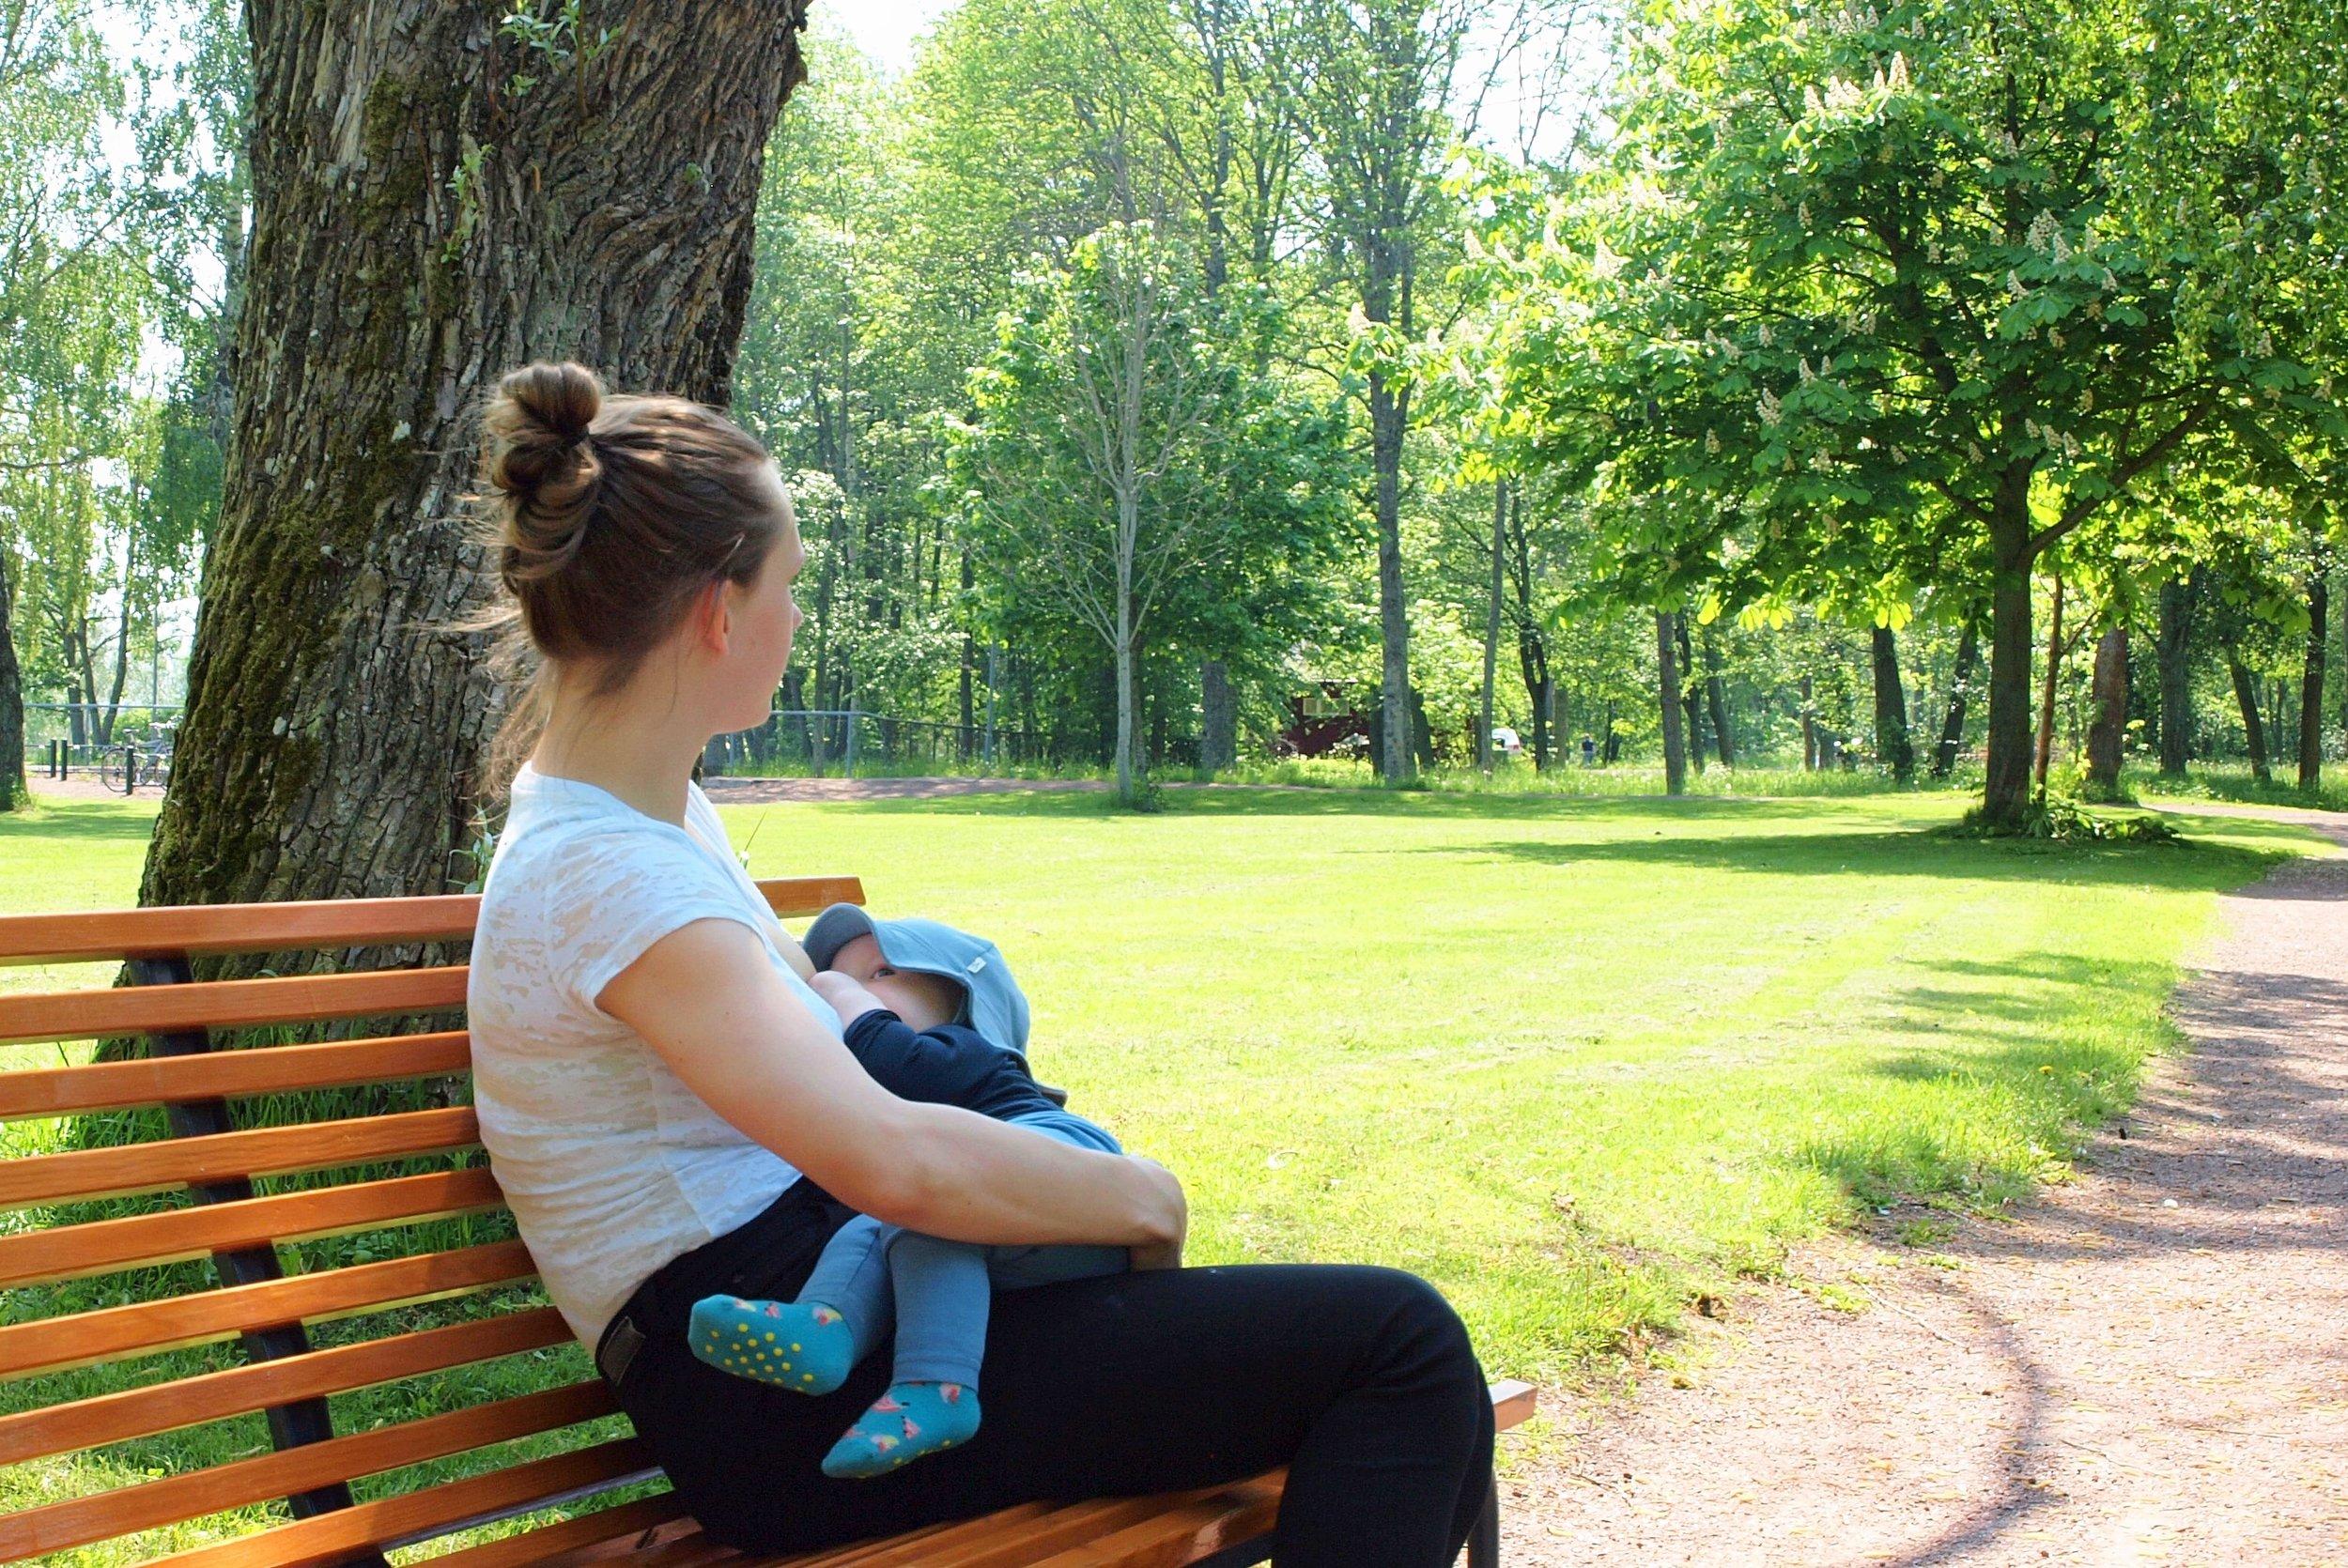 Imetyksellä on useita terveydellisiä hyötyjä niin äidille kuin lapsellekin.